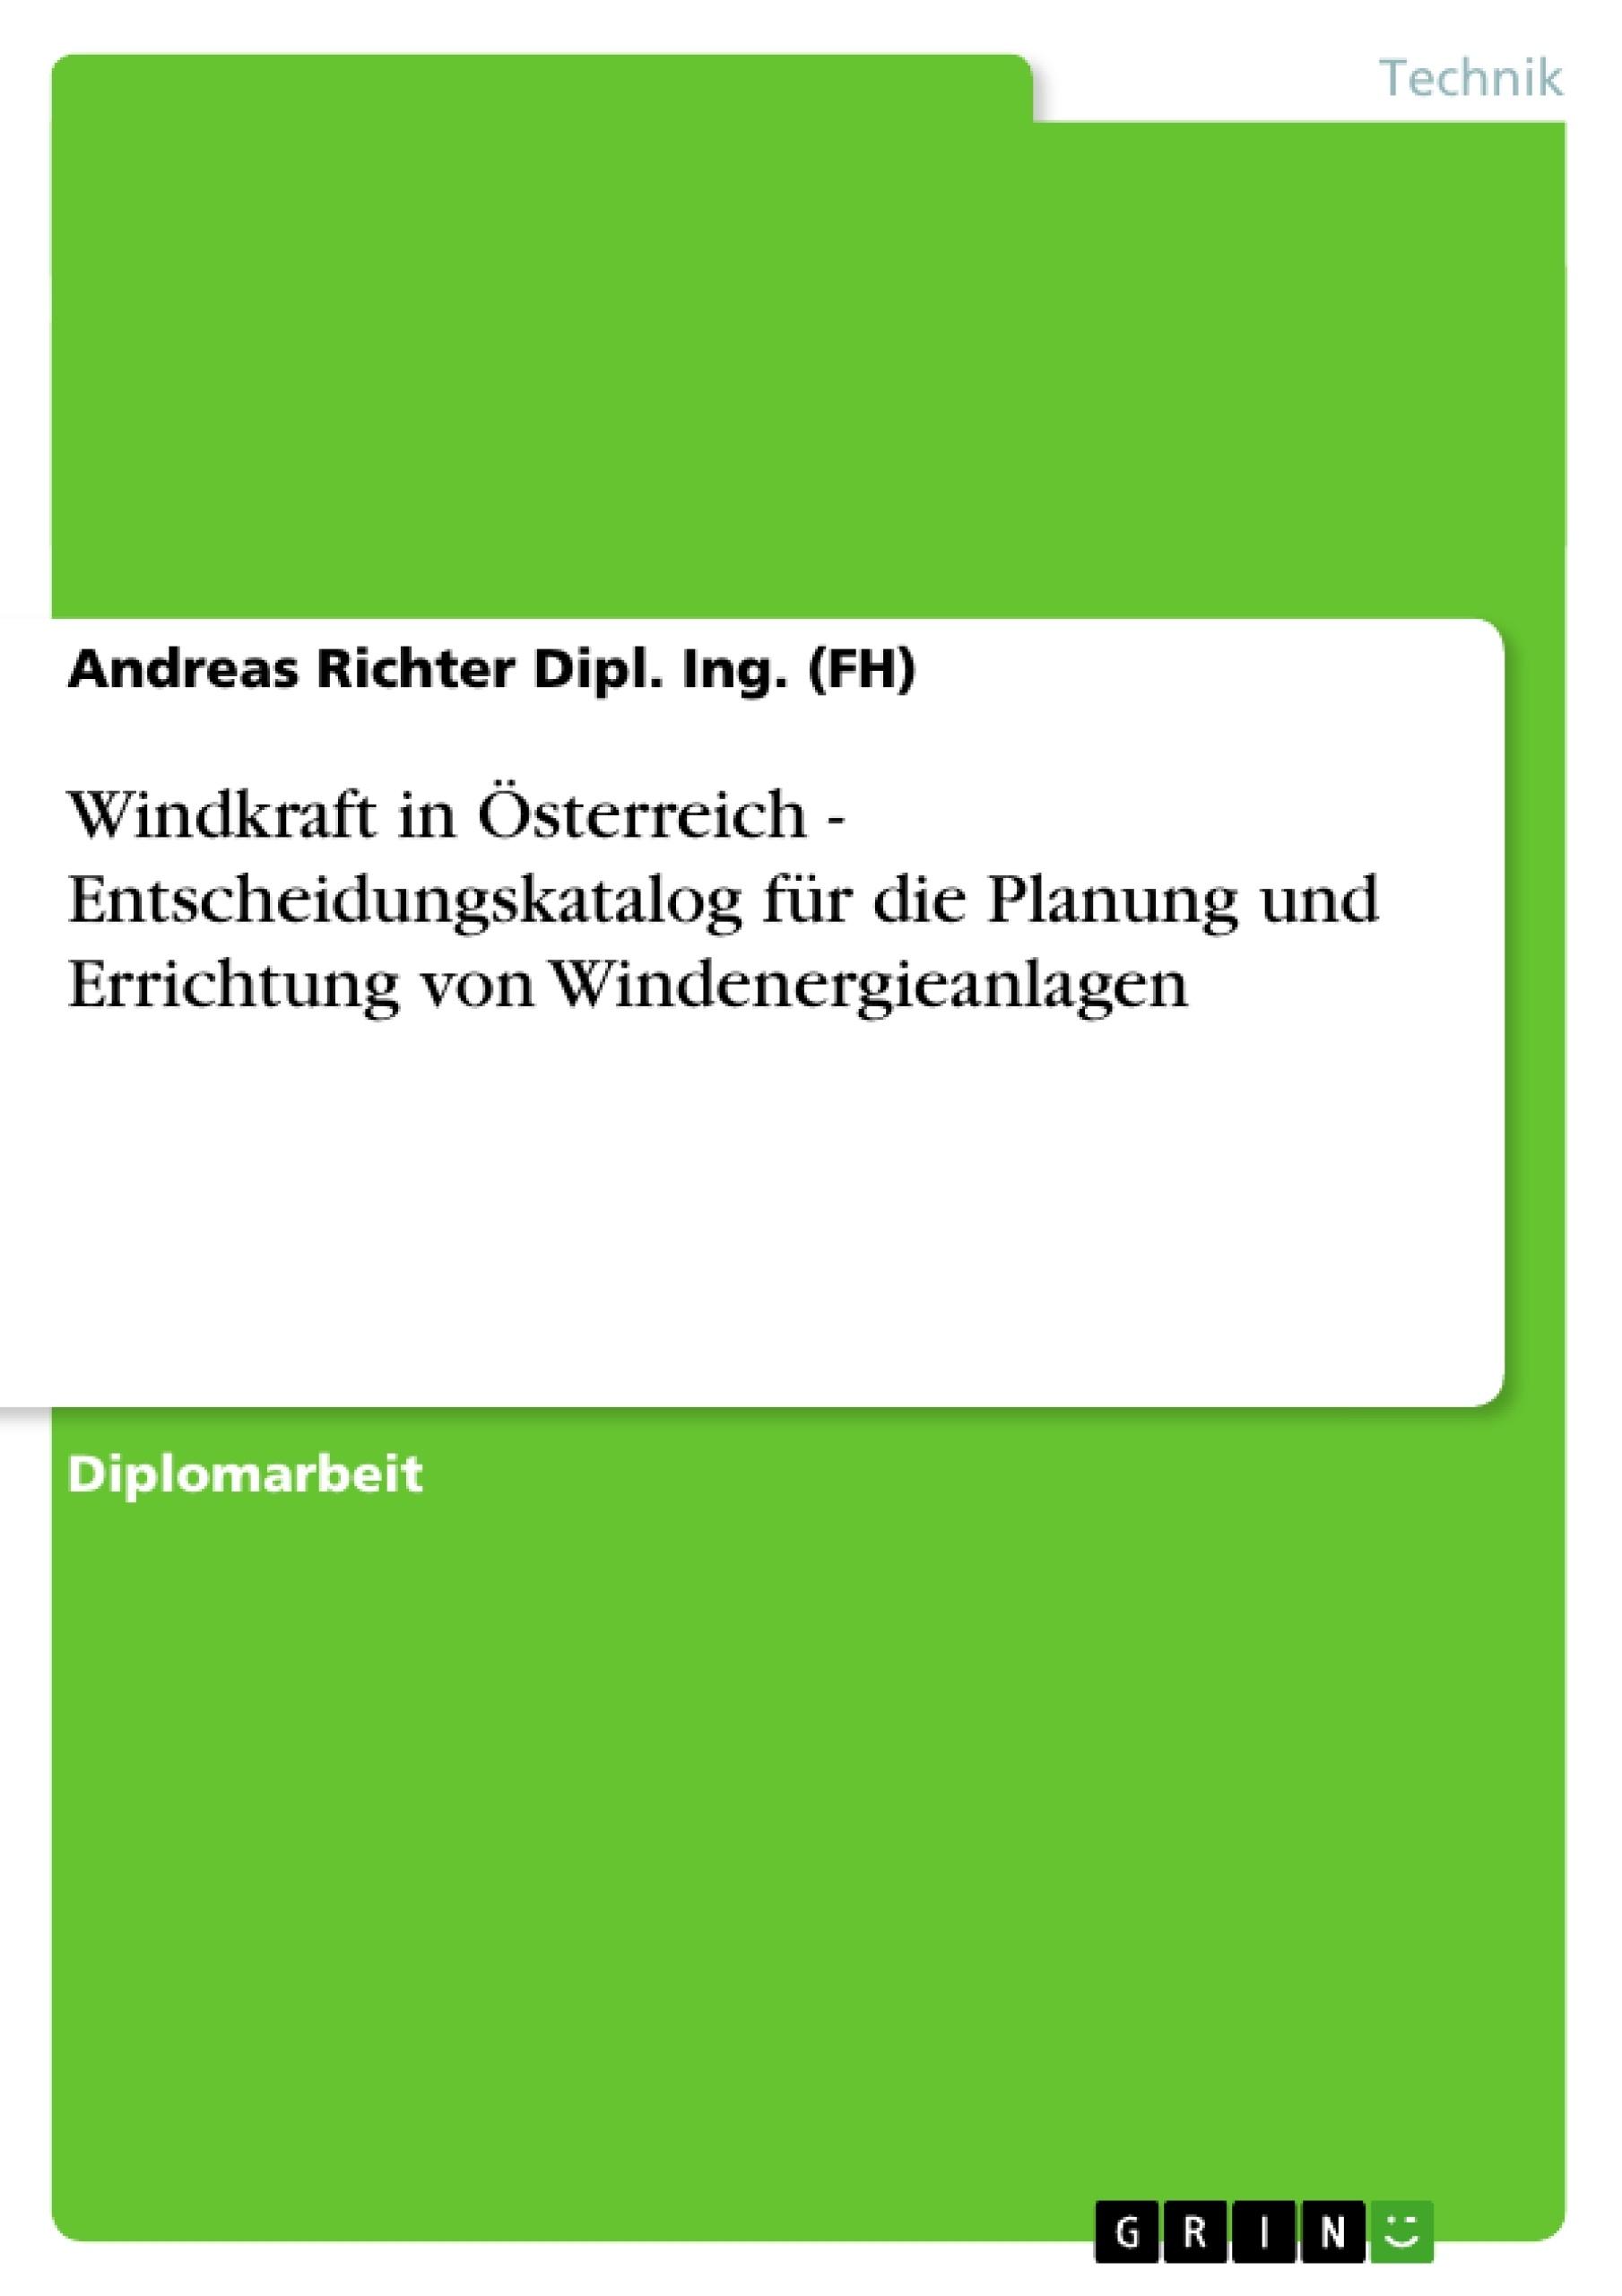 Titel: Windkraft in Österreich - Entscheidungskatalog für die Planung und Errichtung von Windenergieanlagen